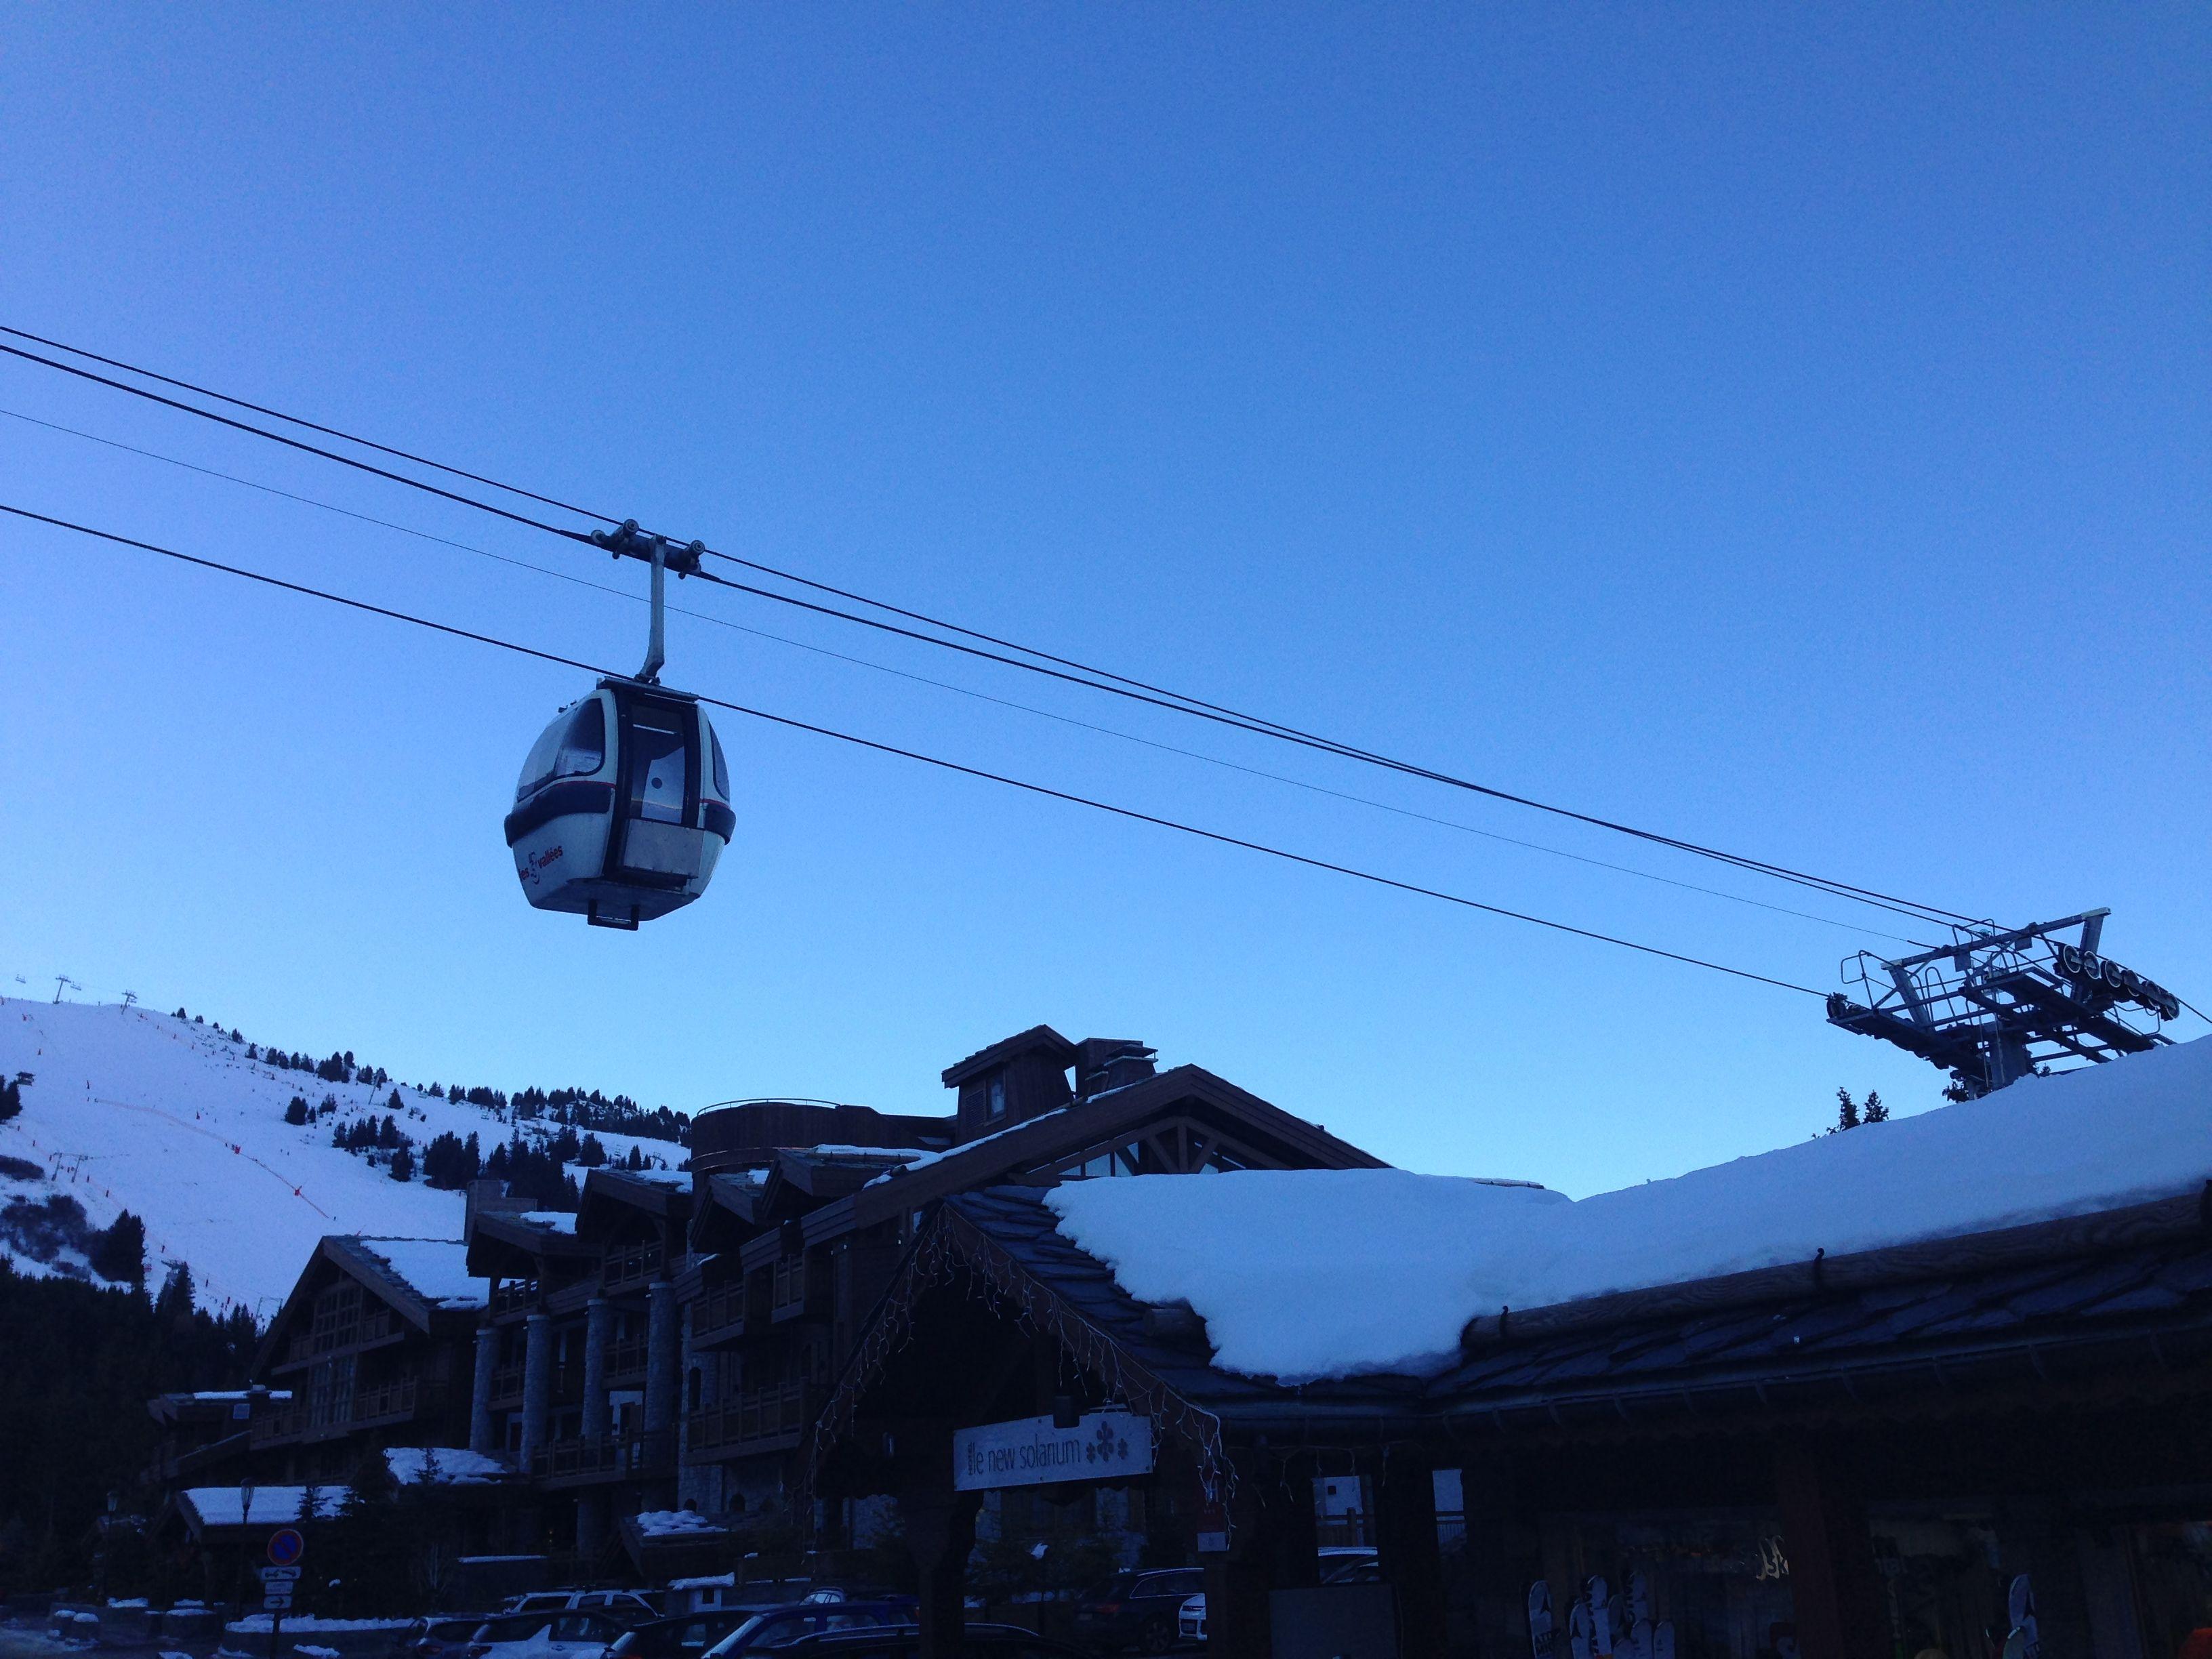 la journée de ski s'achève @hotel new solarium courchevel